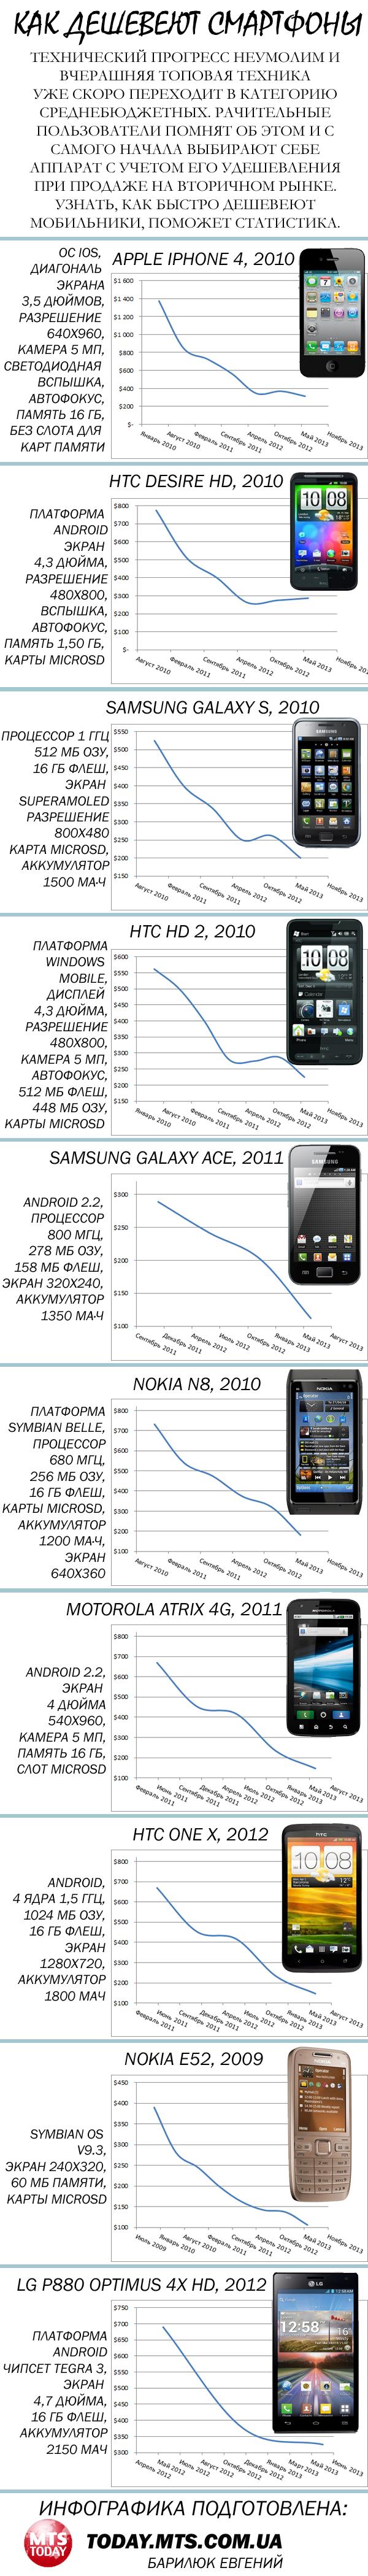 инфографика, автор, МТС, смартфоны, продажа, вторичный, рынок, дешевле Евгений Барилюк